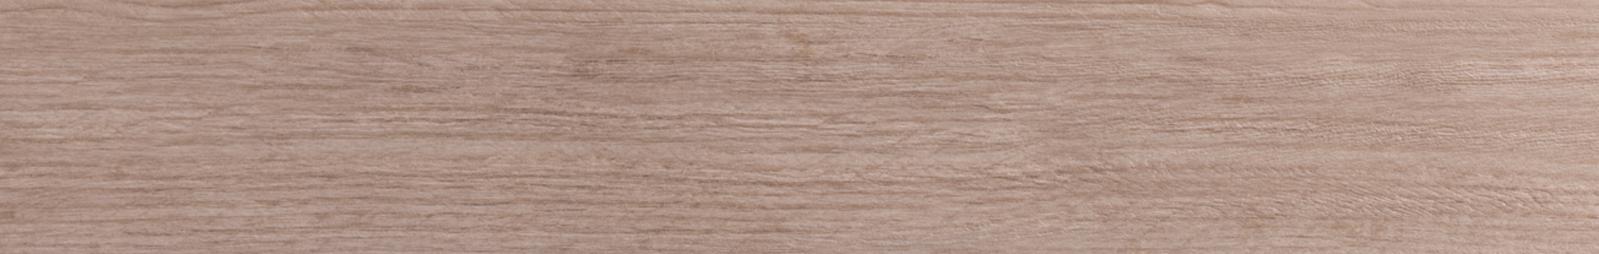 Напольная плитка Venis Hampton +14160 Beige 14,3х90 venis florencia beige 33 3x100